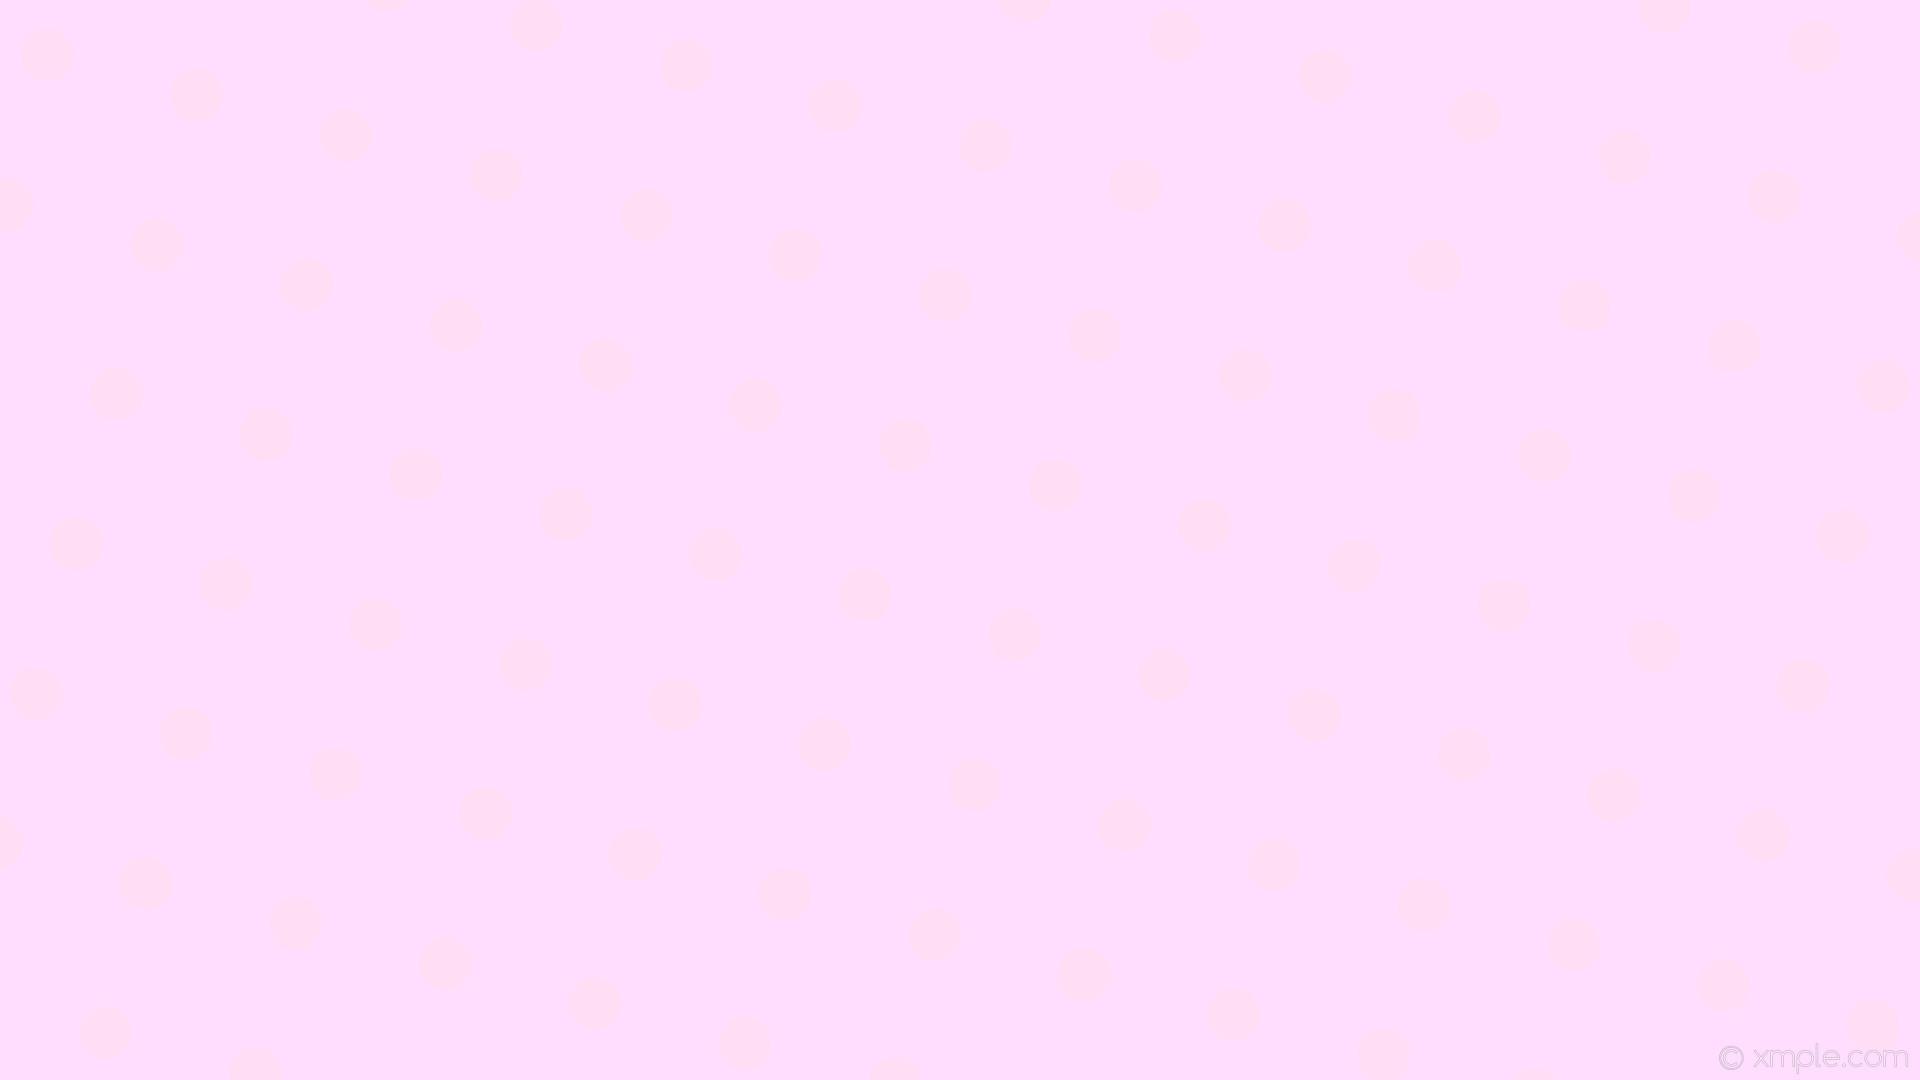 Res: 1920x1080, wallpaper polka magenta dots spots pink light magenta light pink #ffddfe  #ffddf4 345°